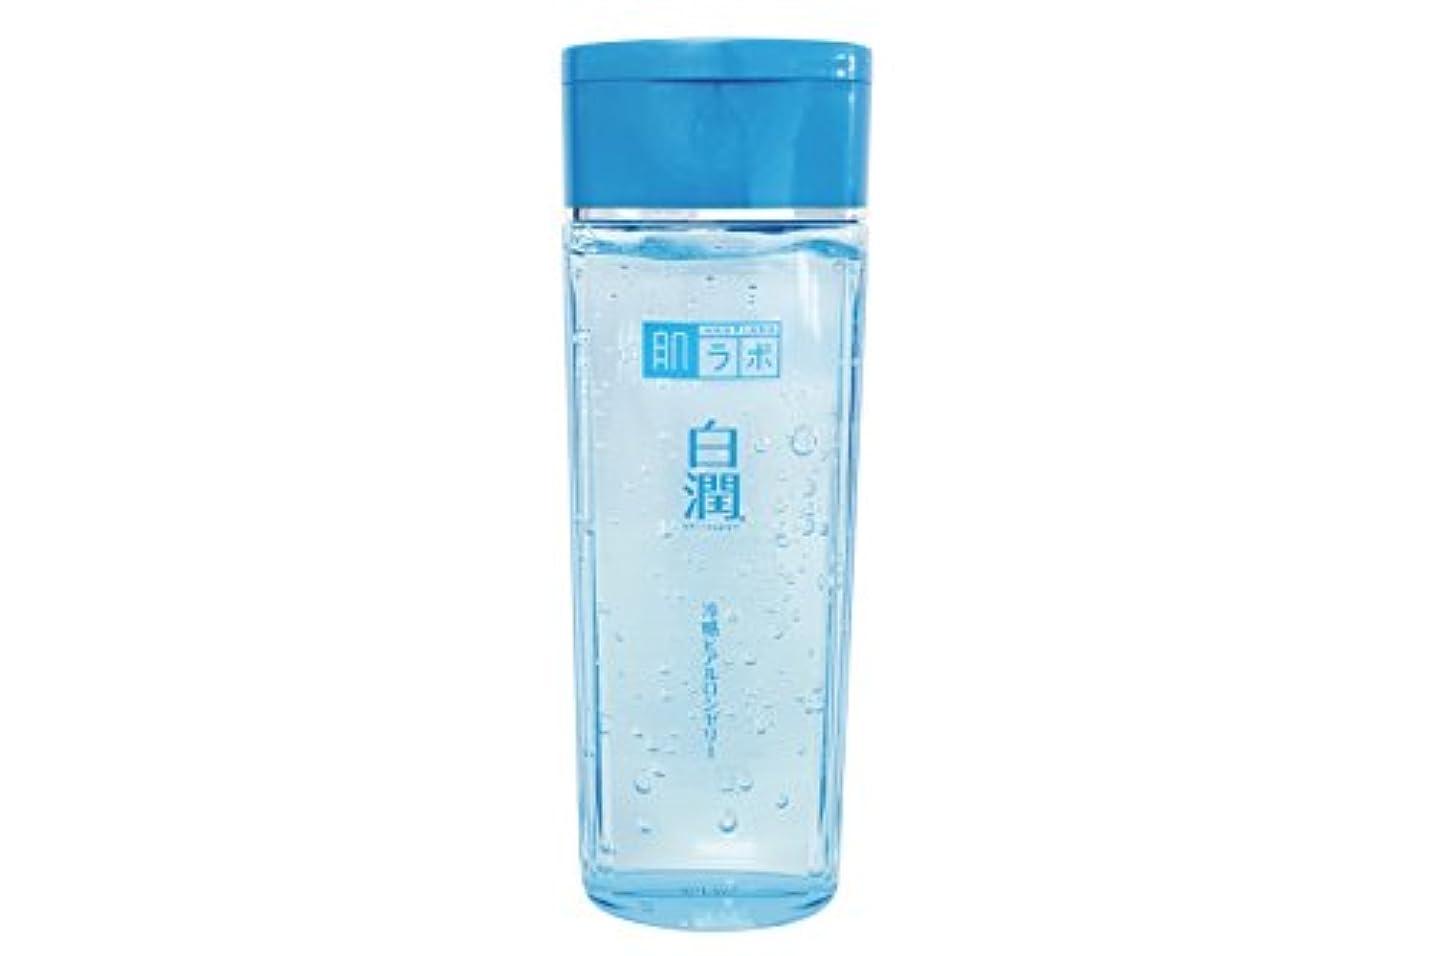 船正規化社説肌ラボ 白潤 冷感ヒアルロンゼリー 化粧水?乳液?美容液?収れん?パックの5役 4つの潤い成分配合 200mL